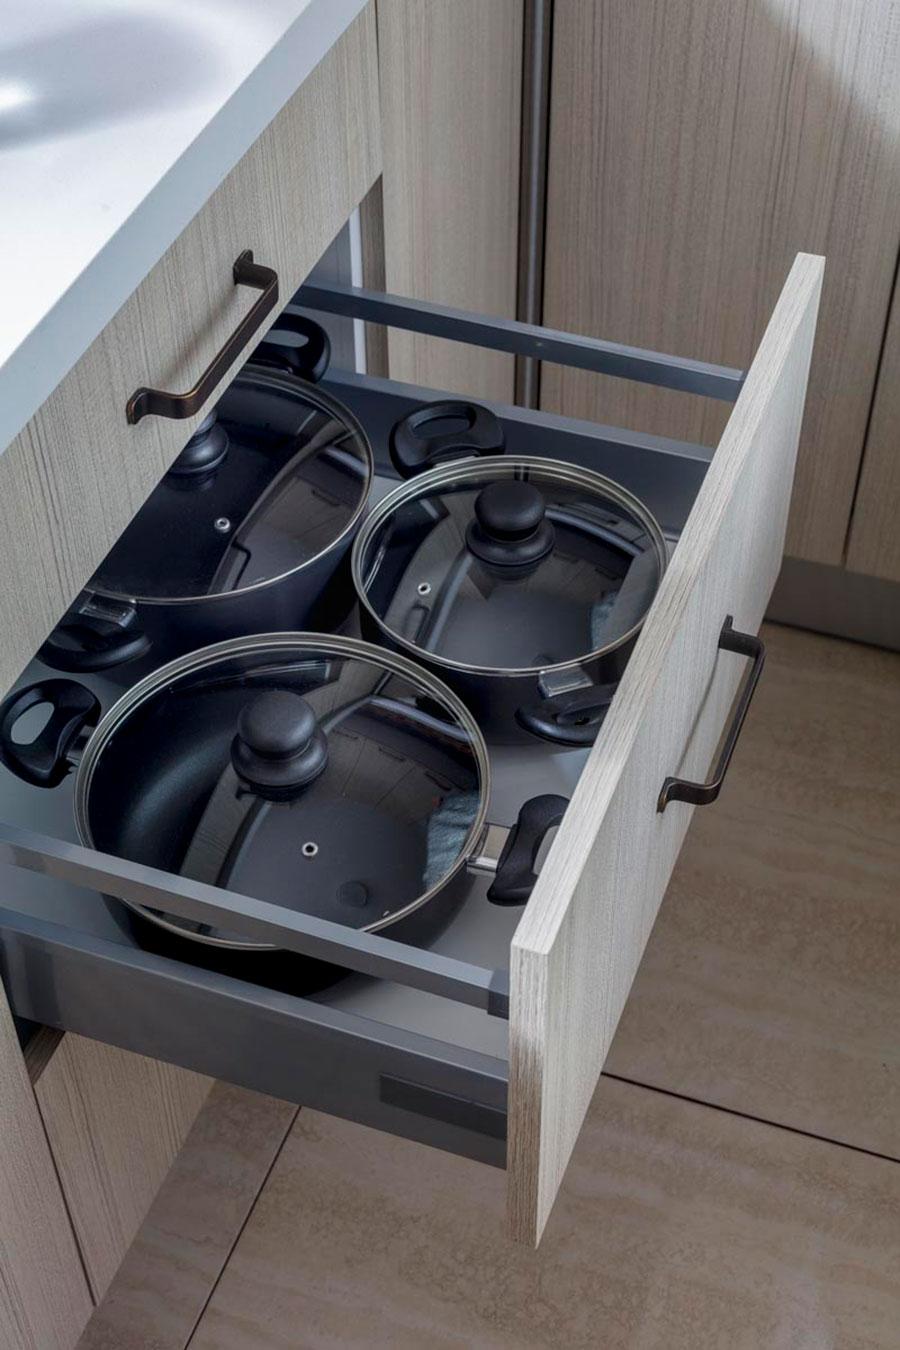 Mueble de cocina, con cajón abierto y batería de cocina